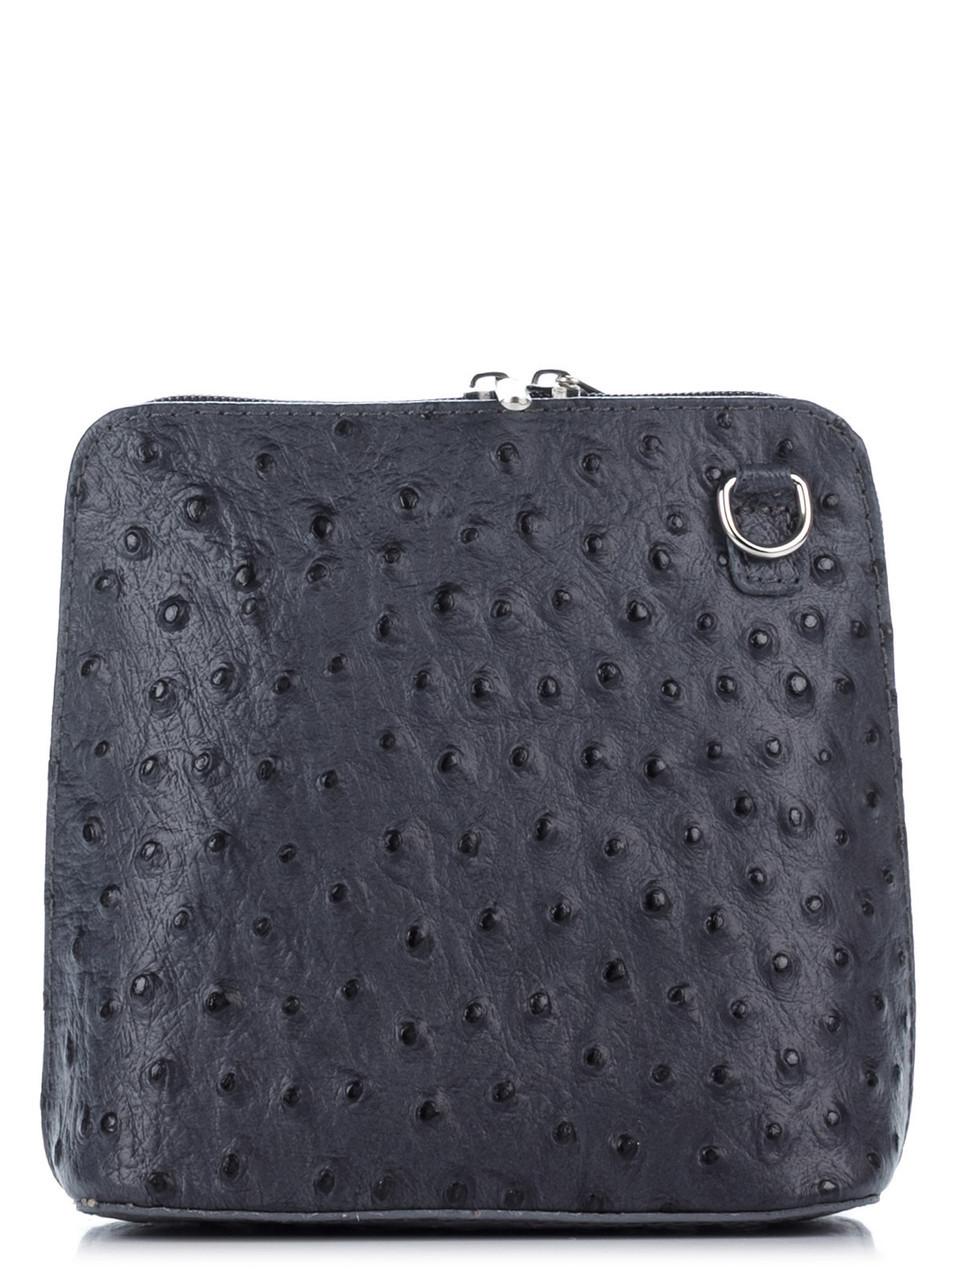 Жіноча шкіряна сумка diva's Bag GRETAцвет темно-сірий